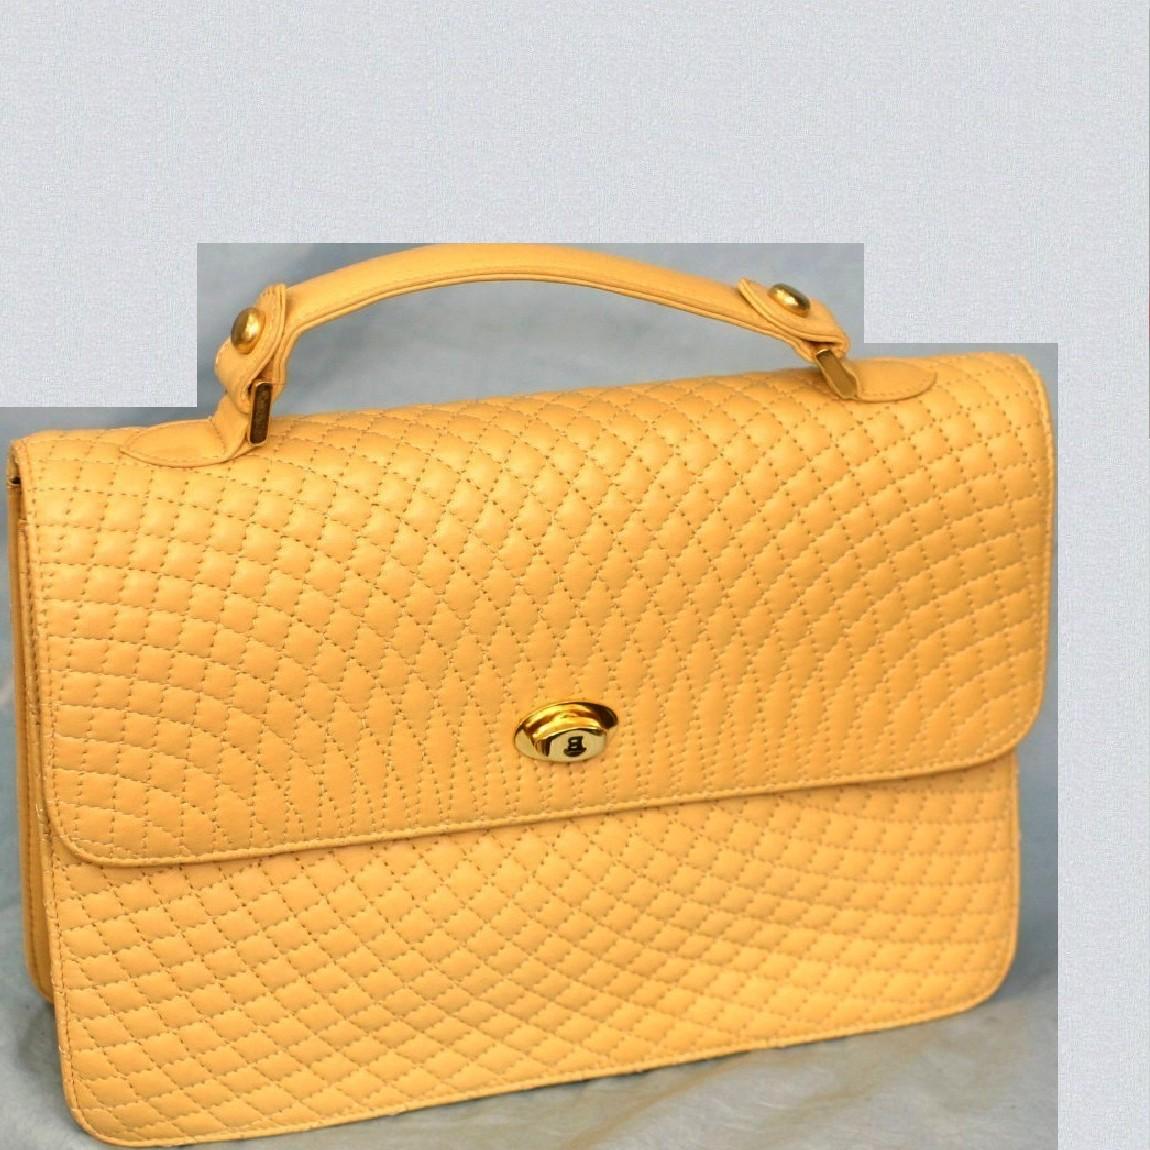 【中古】本物綺麗BALLYバリー27センチ女性用持ち手付柔らかい黄色xベージュセカンドバッグ